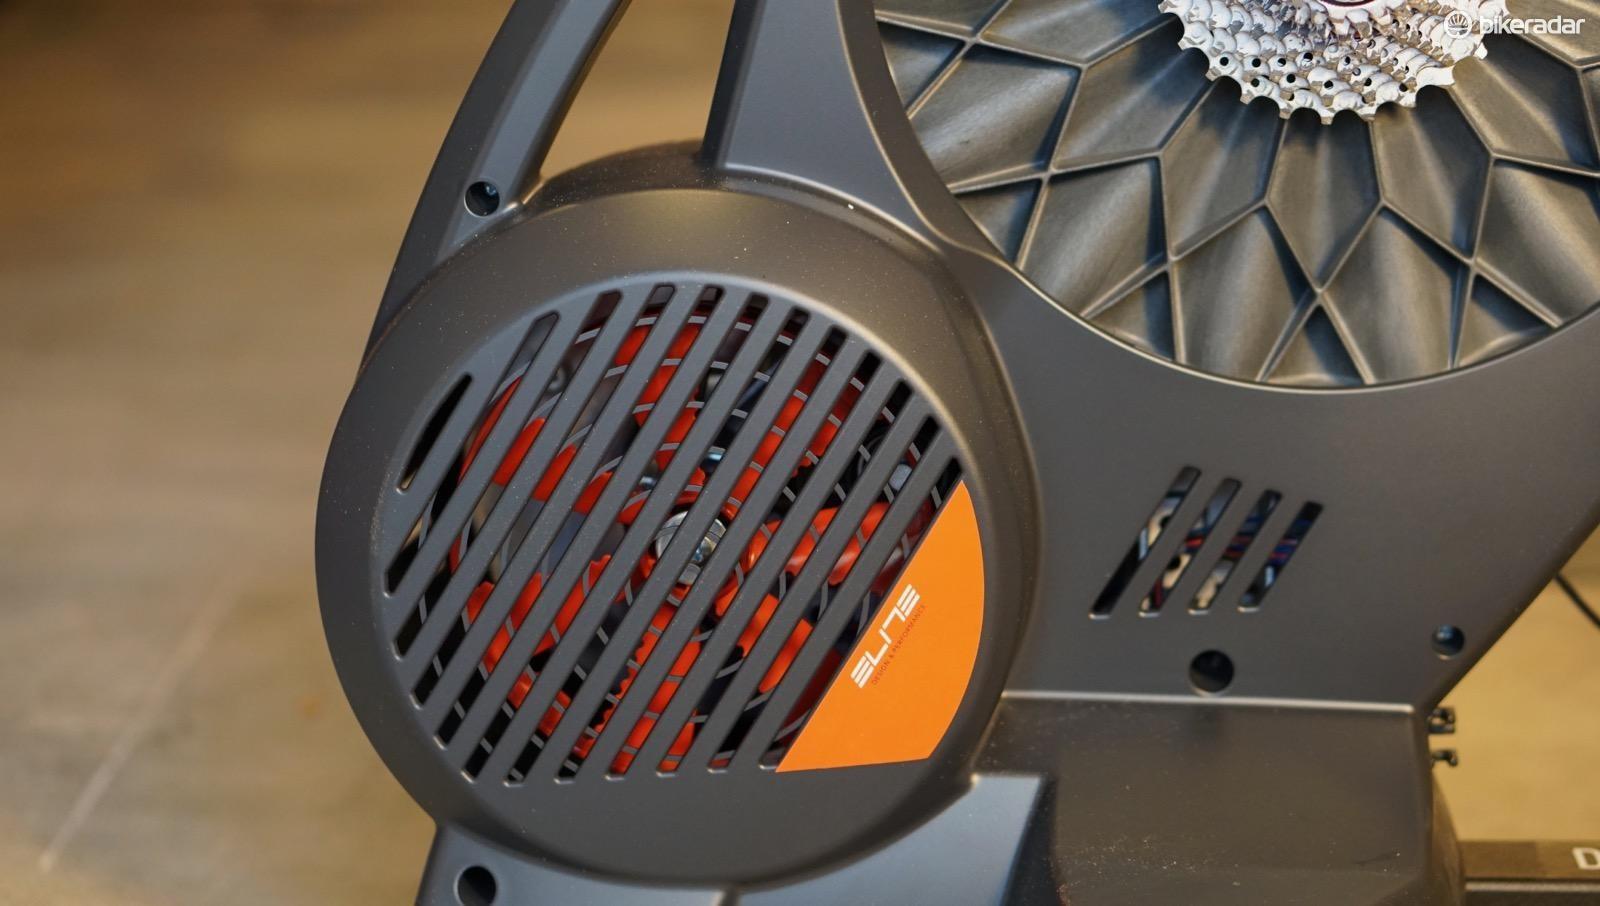 The Direto has a 4.2kg flywheel plus an electronic brake